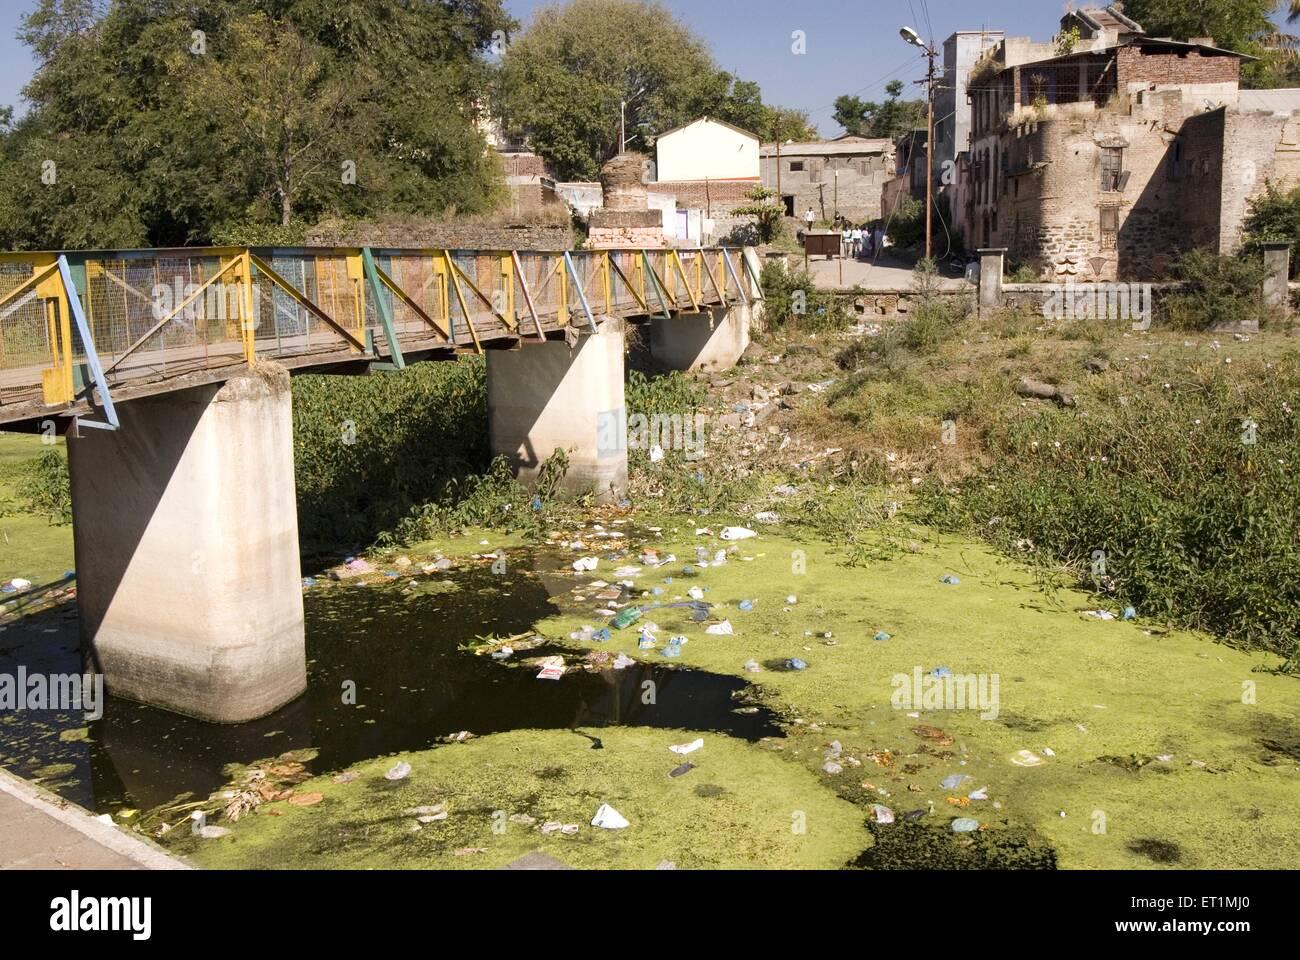 Umweltverschmutzung Fluss verwandelt Abfall Dump Menschen werfen Müll Fluss Karh Sasvad Dorf Taluka Purandar Stockbild